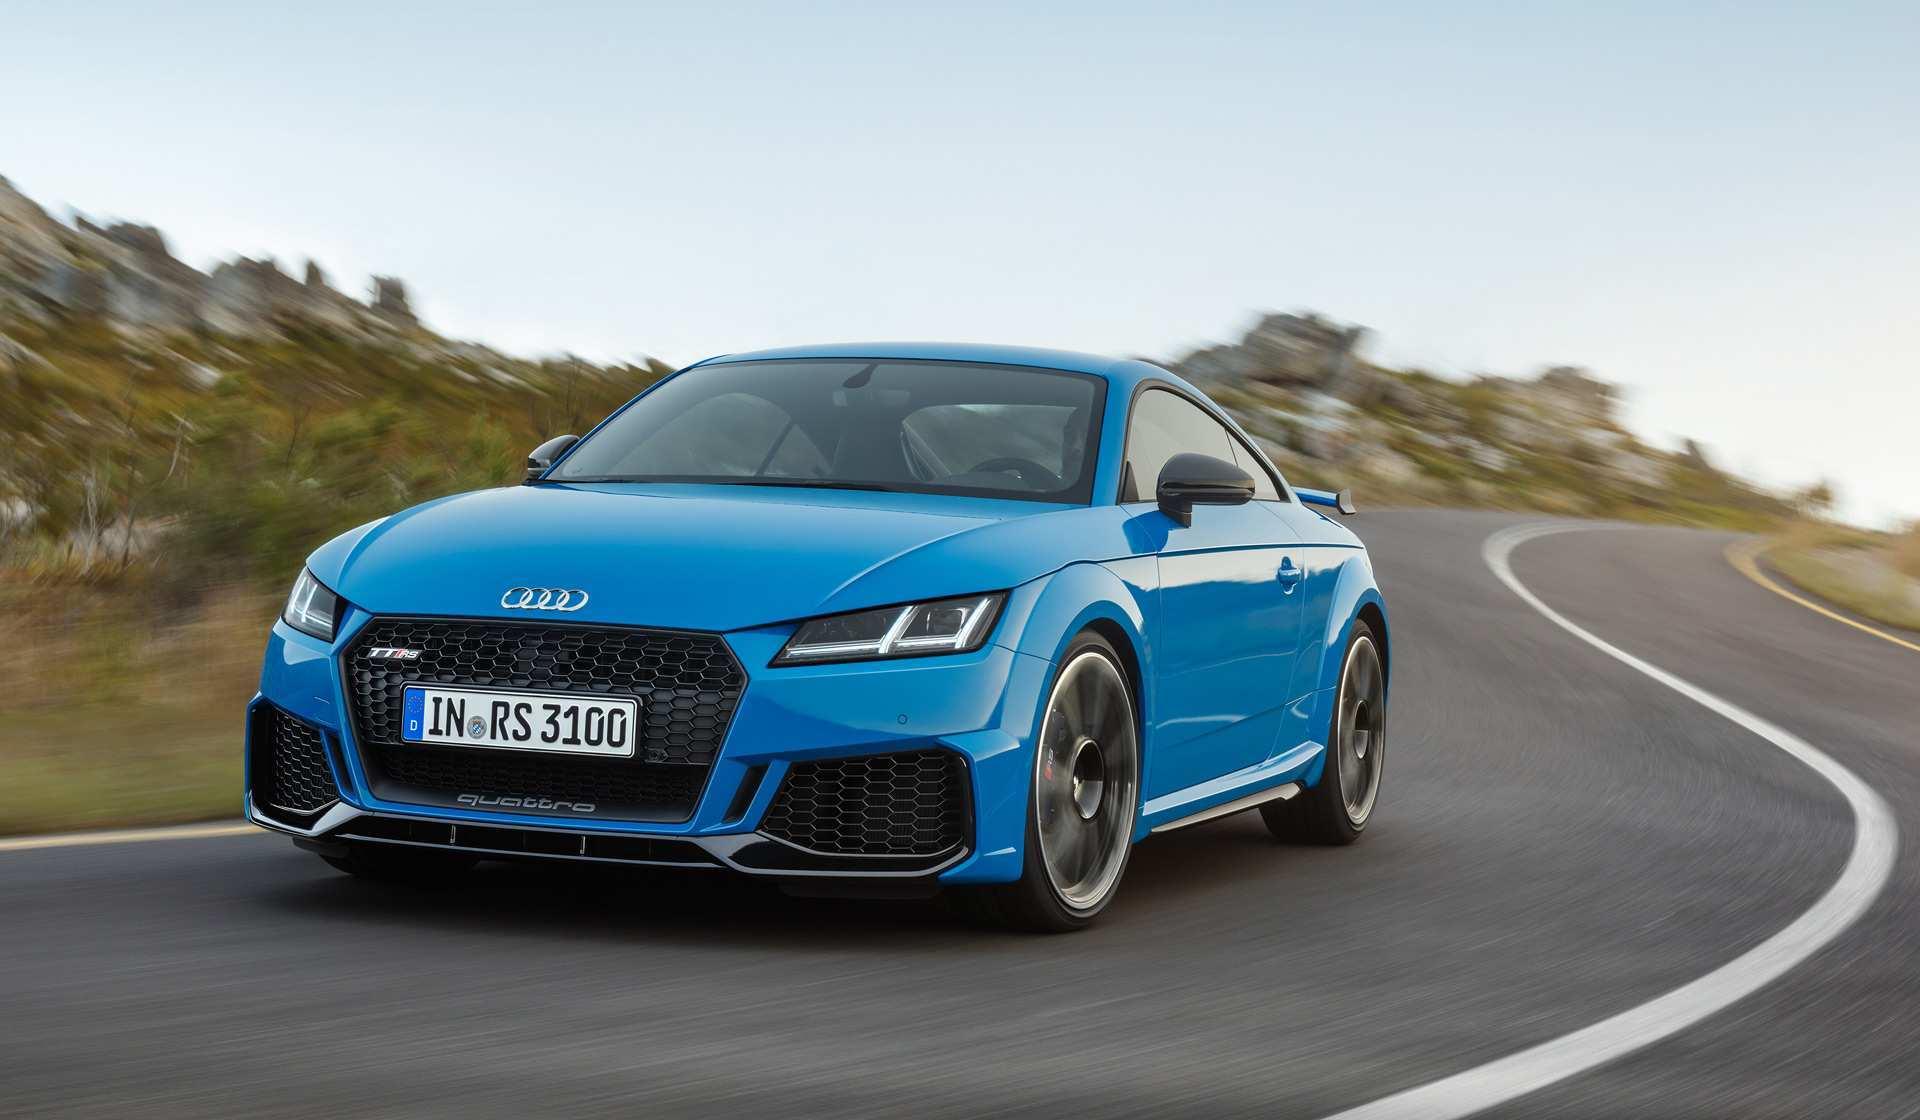 47 All New Audi Tt Rs 2020 History for Audi Tt Rs 2020